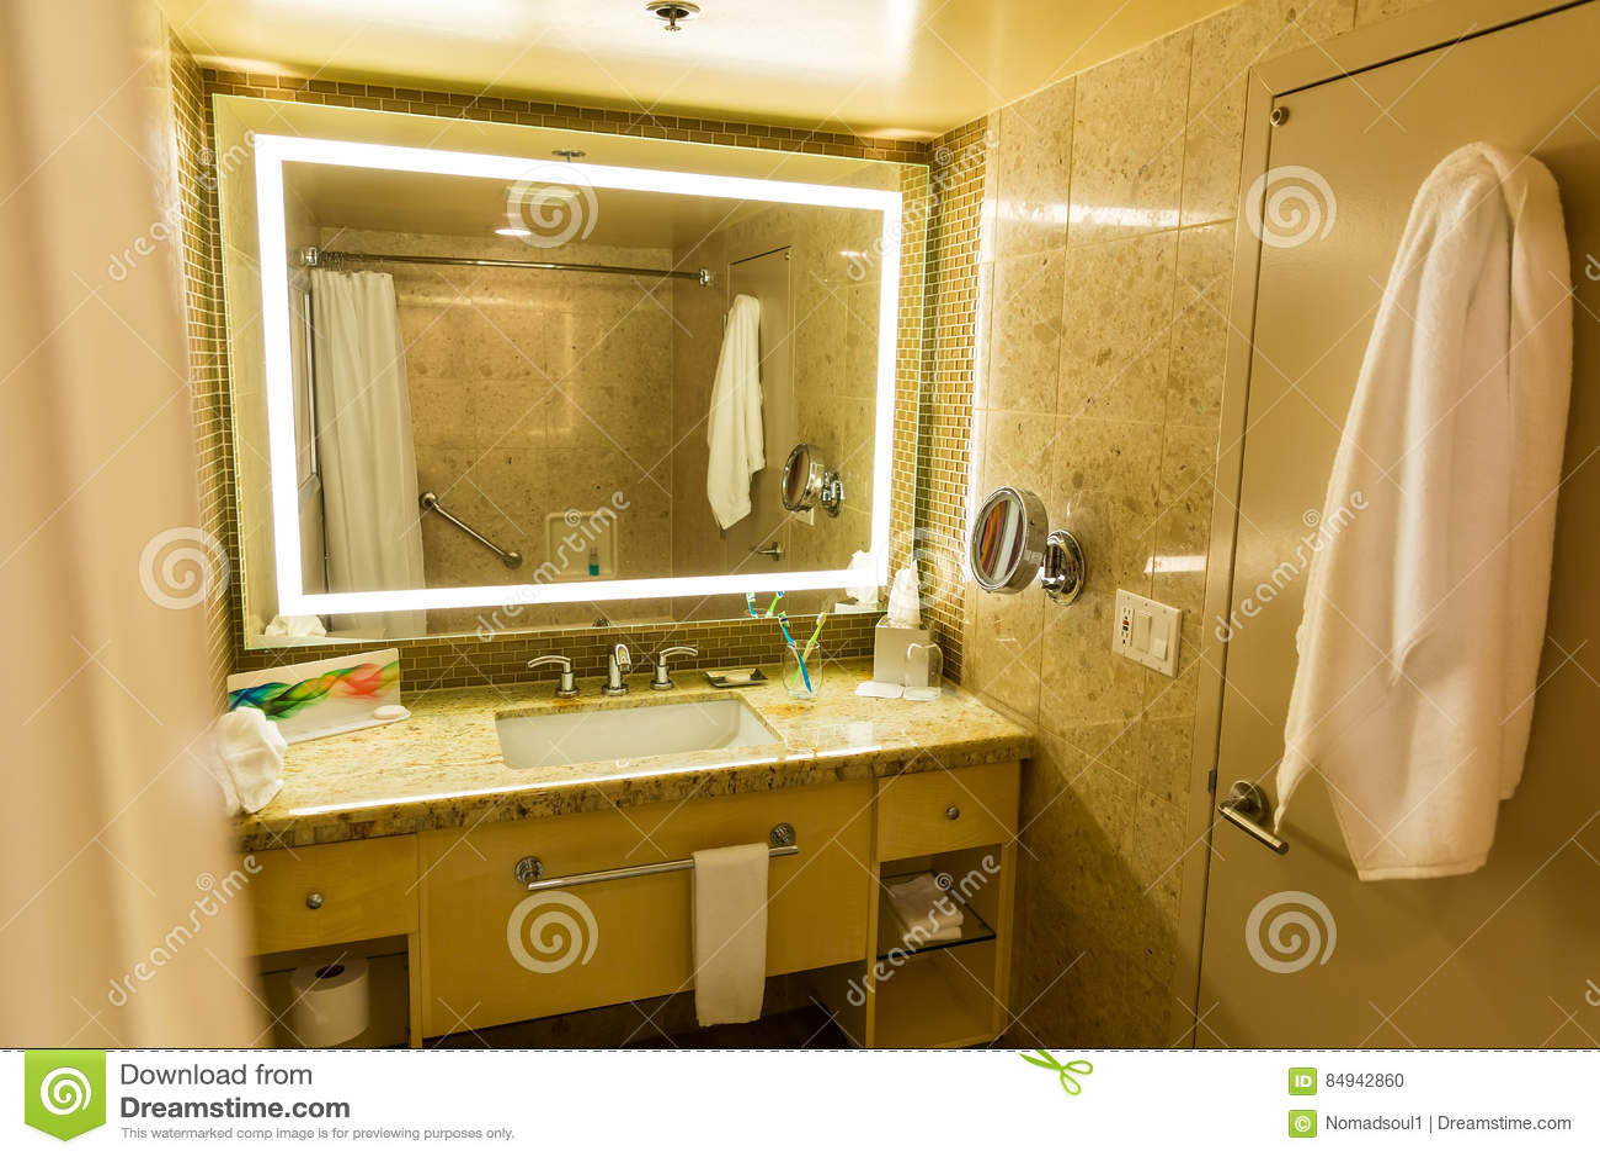 würmer in der toilette